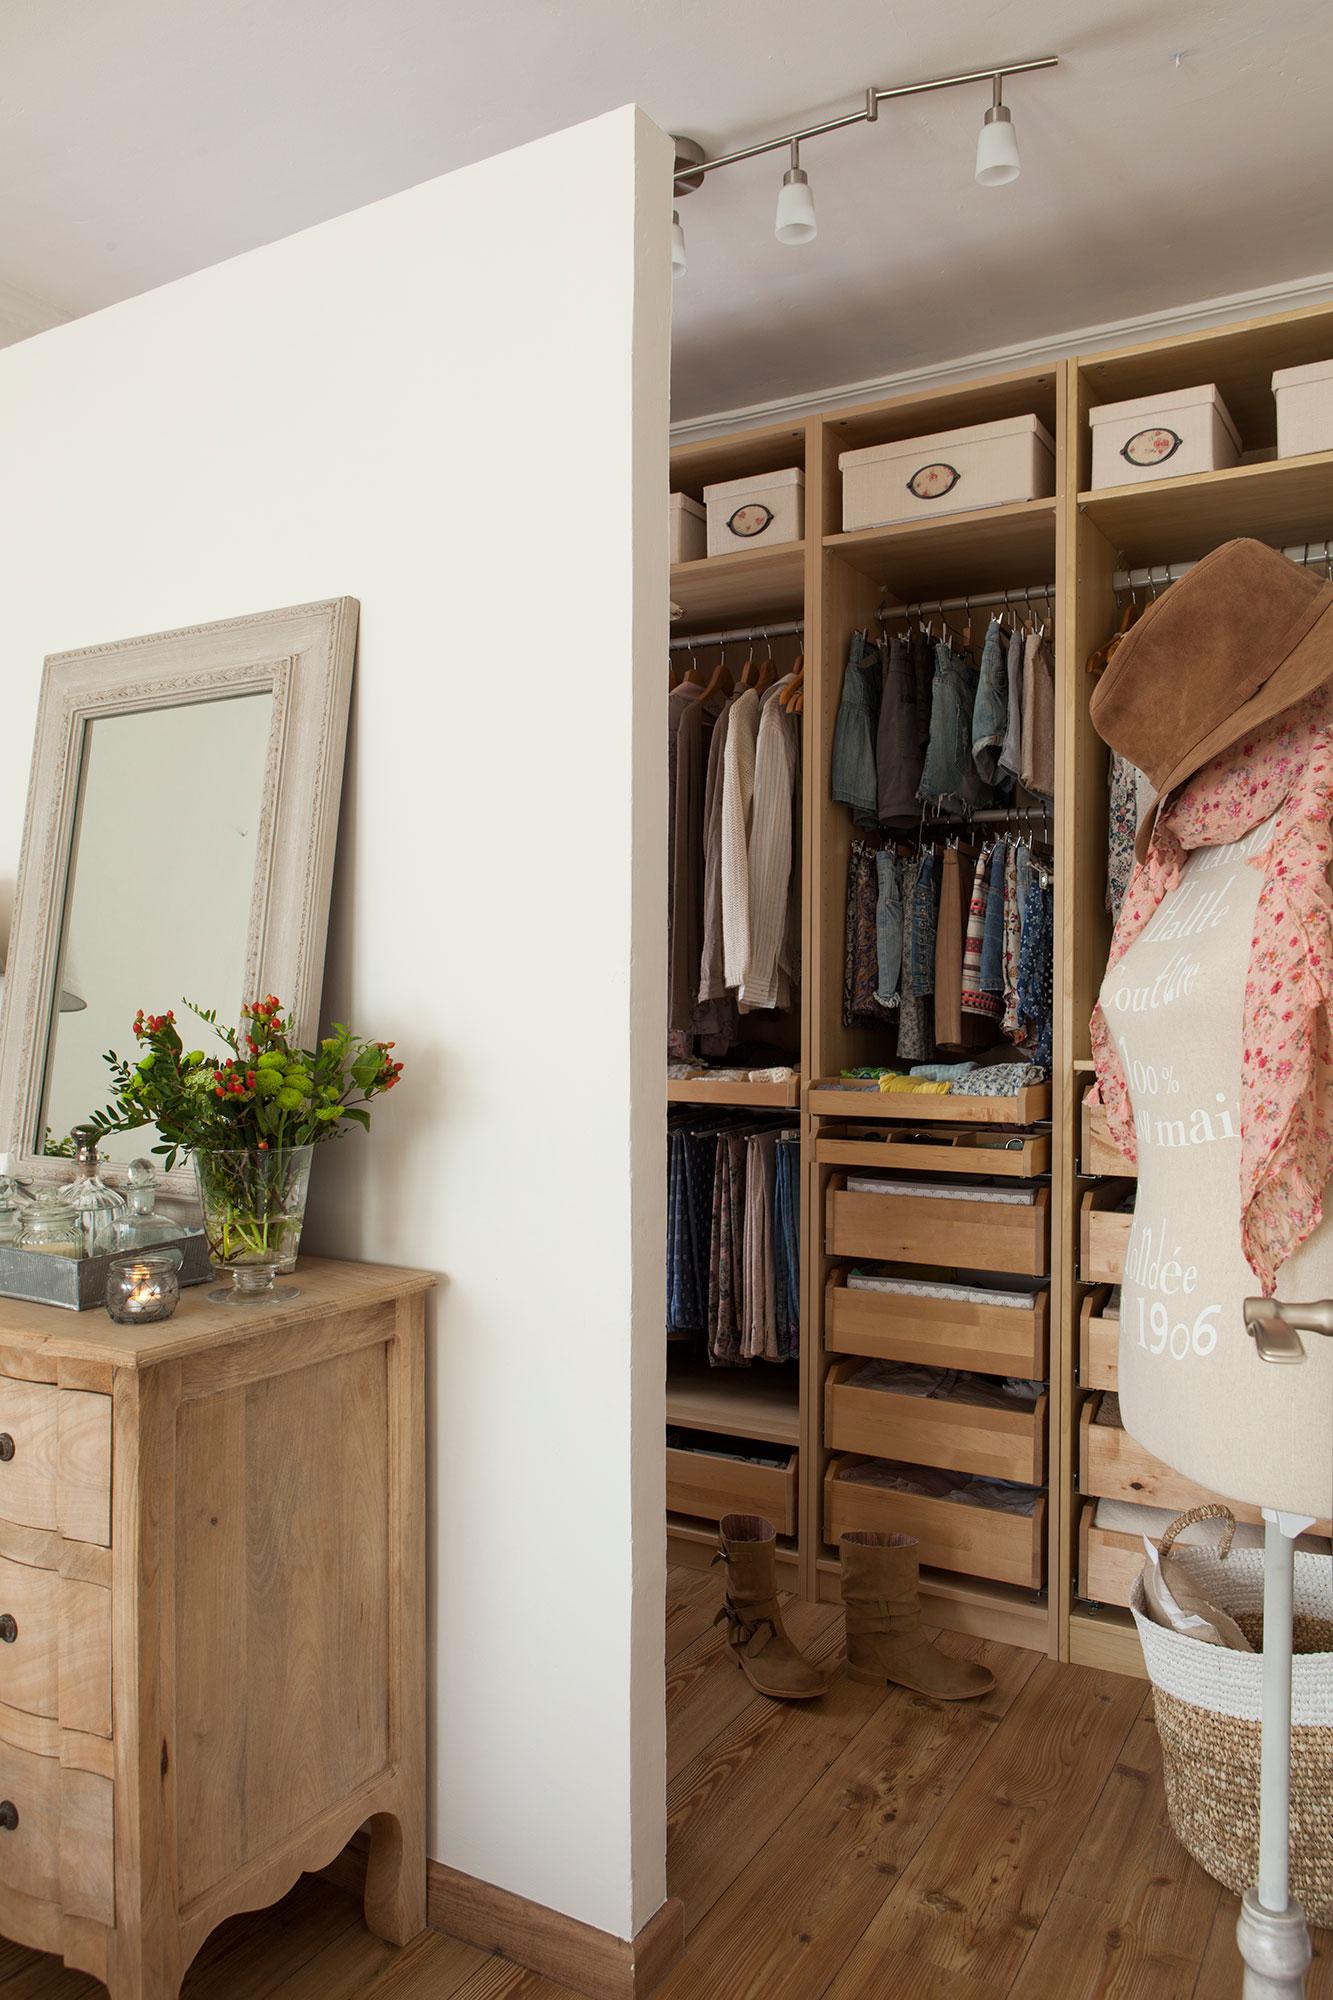 Exclusivo Dormitorio Juvenil Dos Camas Imagen De Cama Decorativo